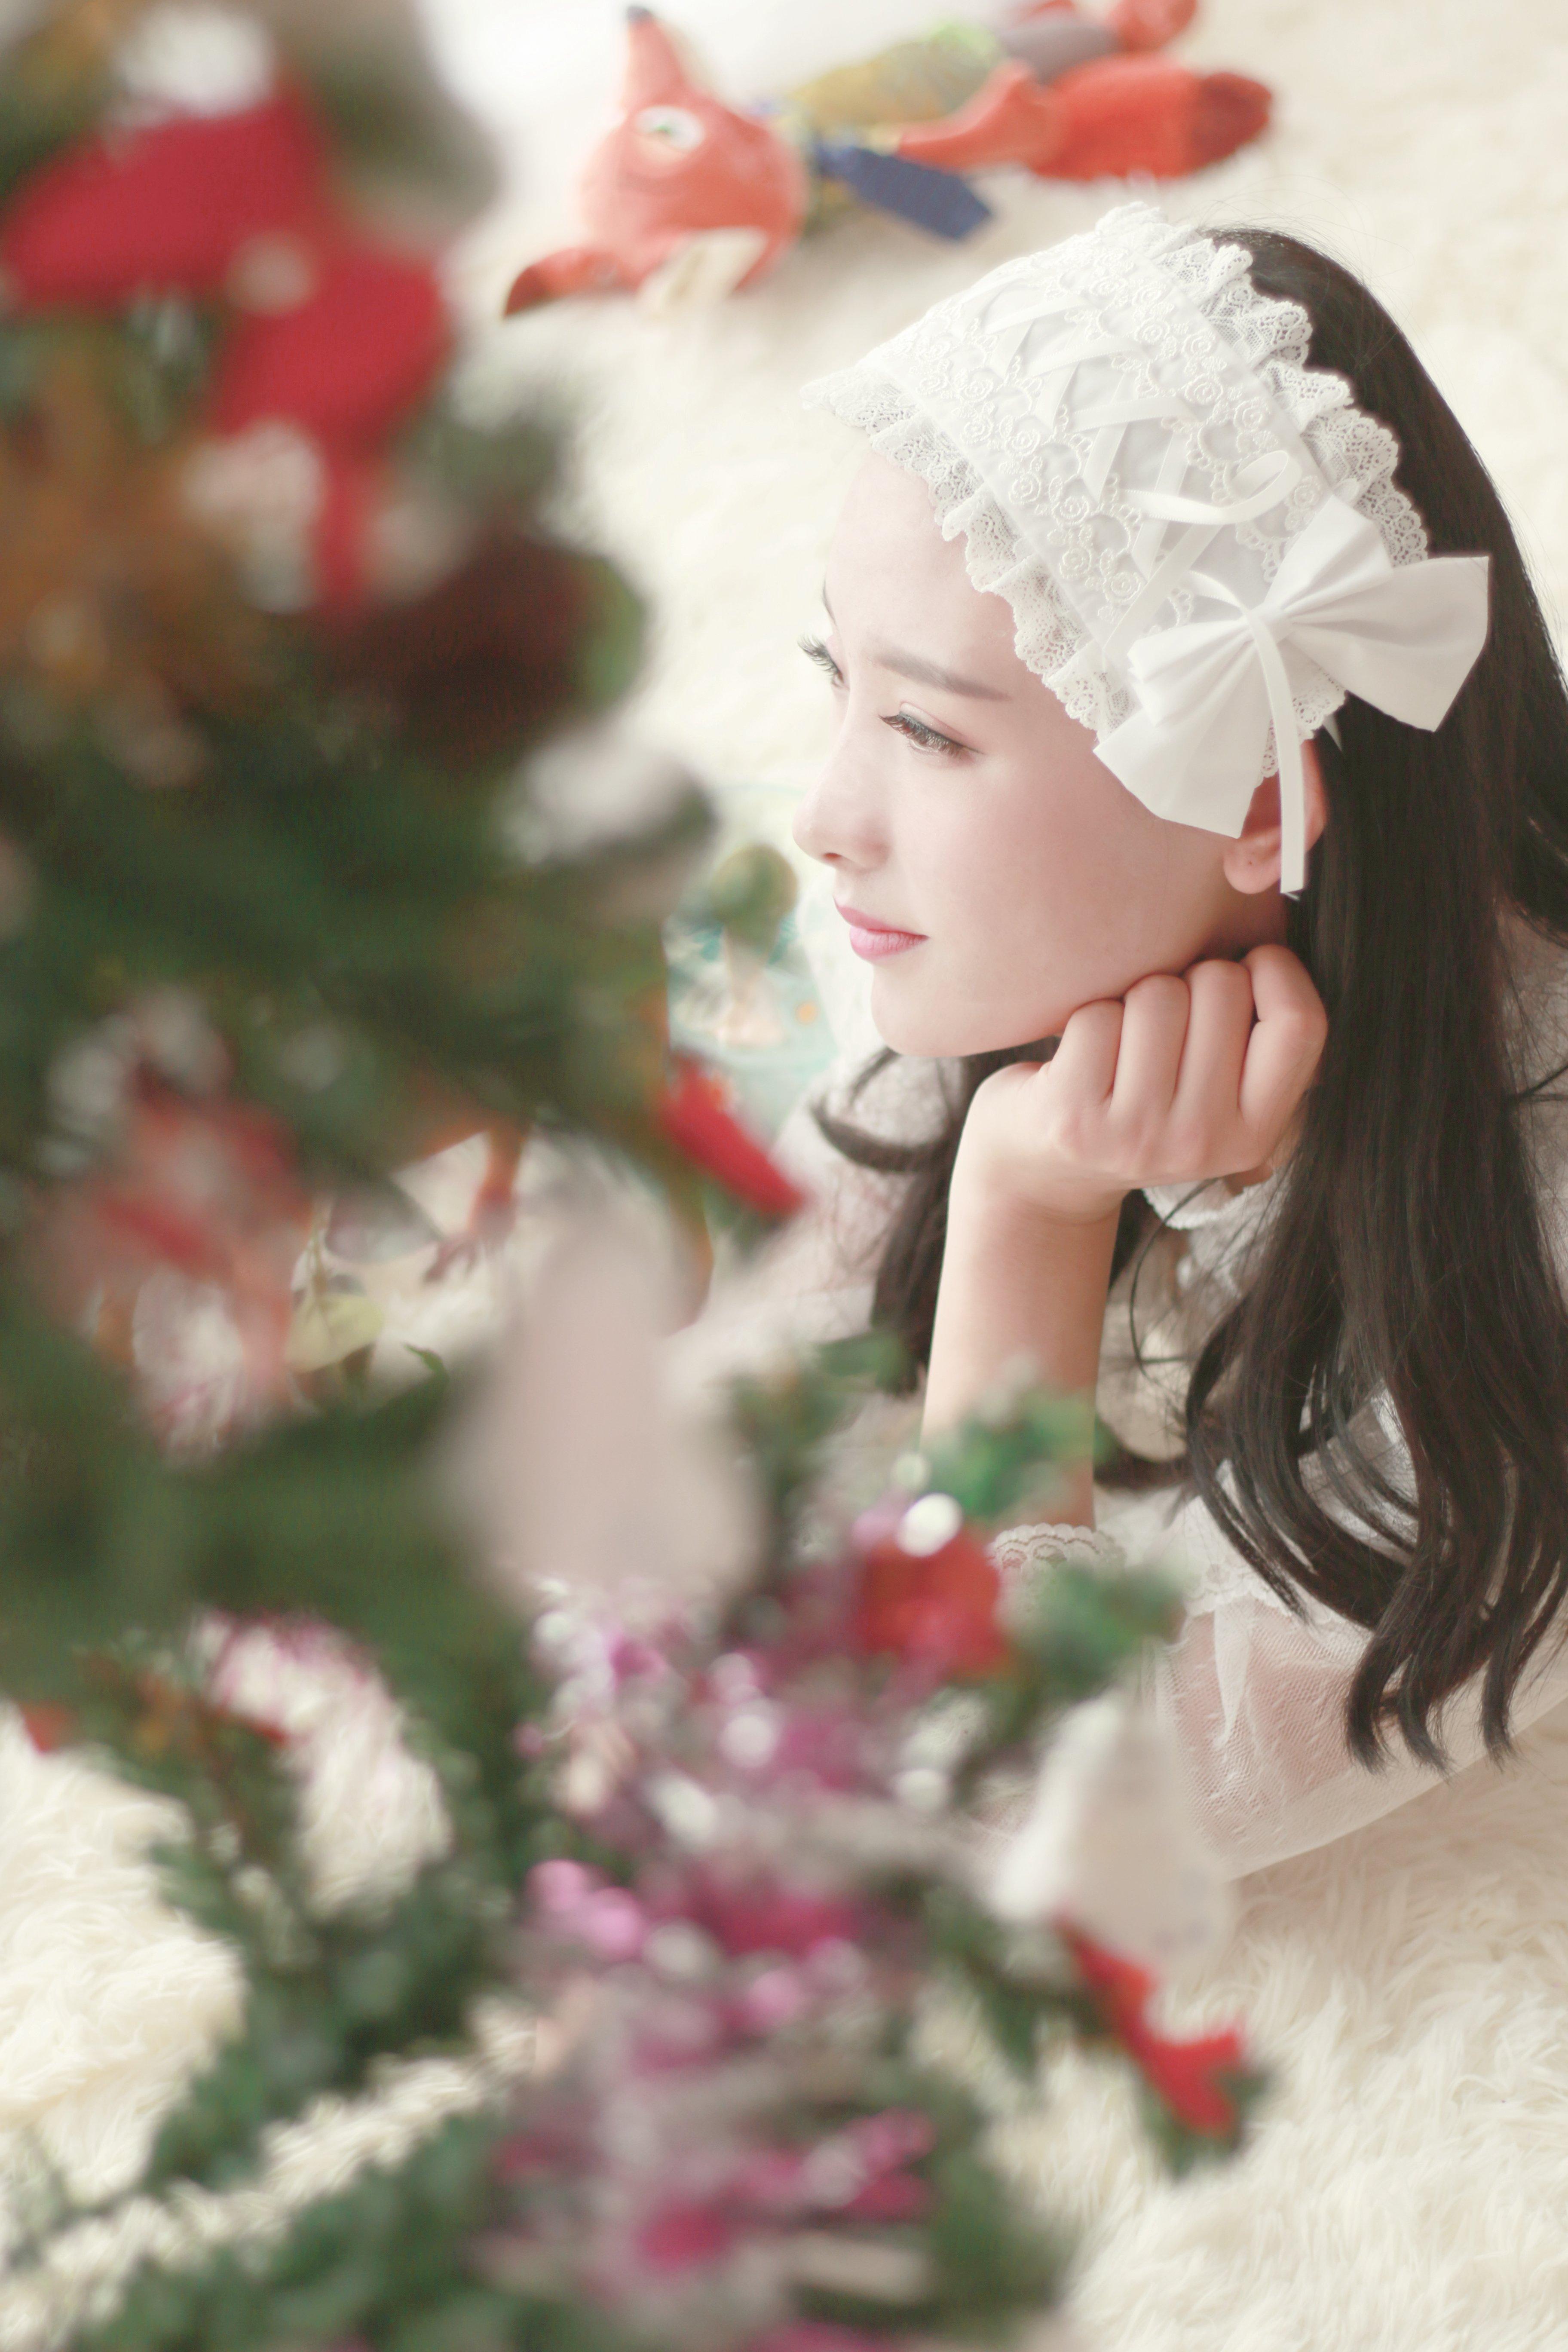 仝爱爱圣诞造型唯美梦幻 这样的她你喜欢吗